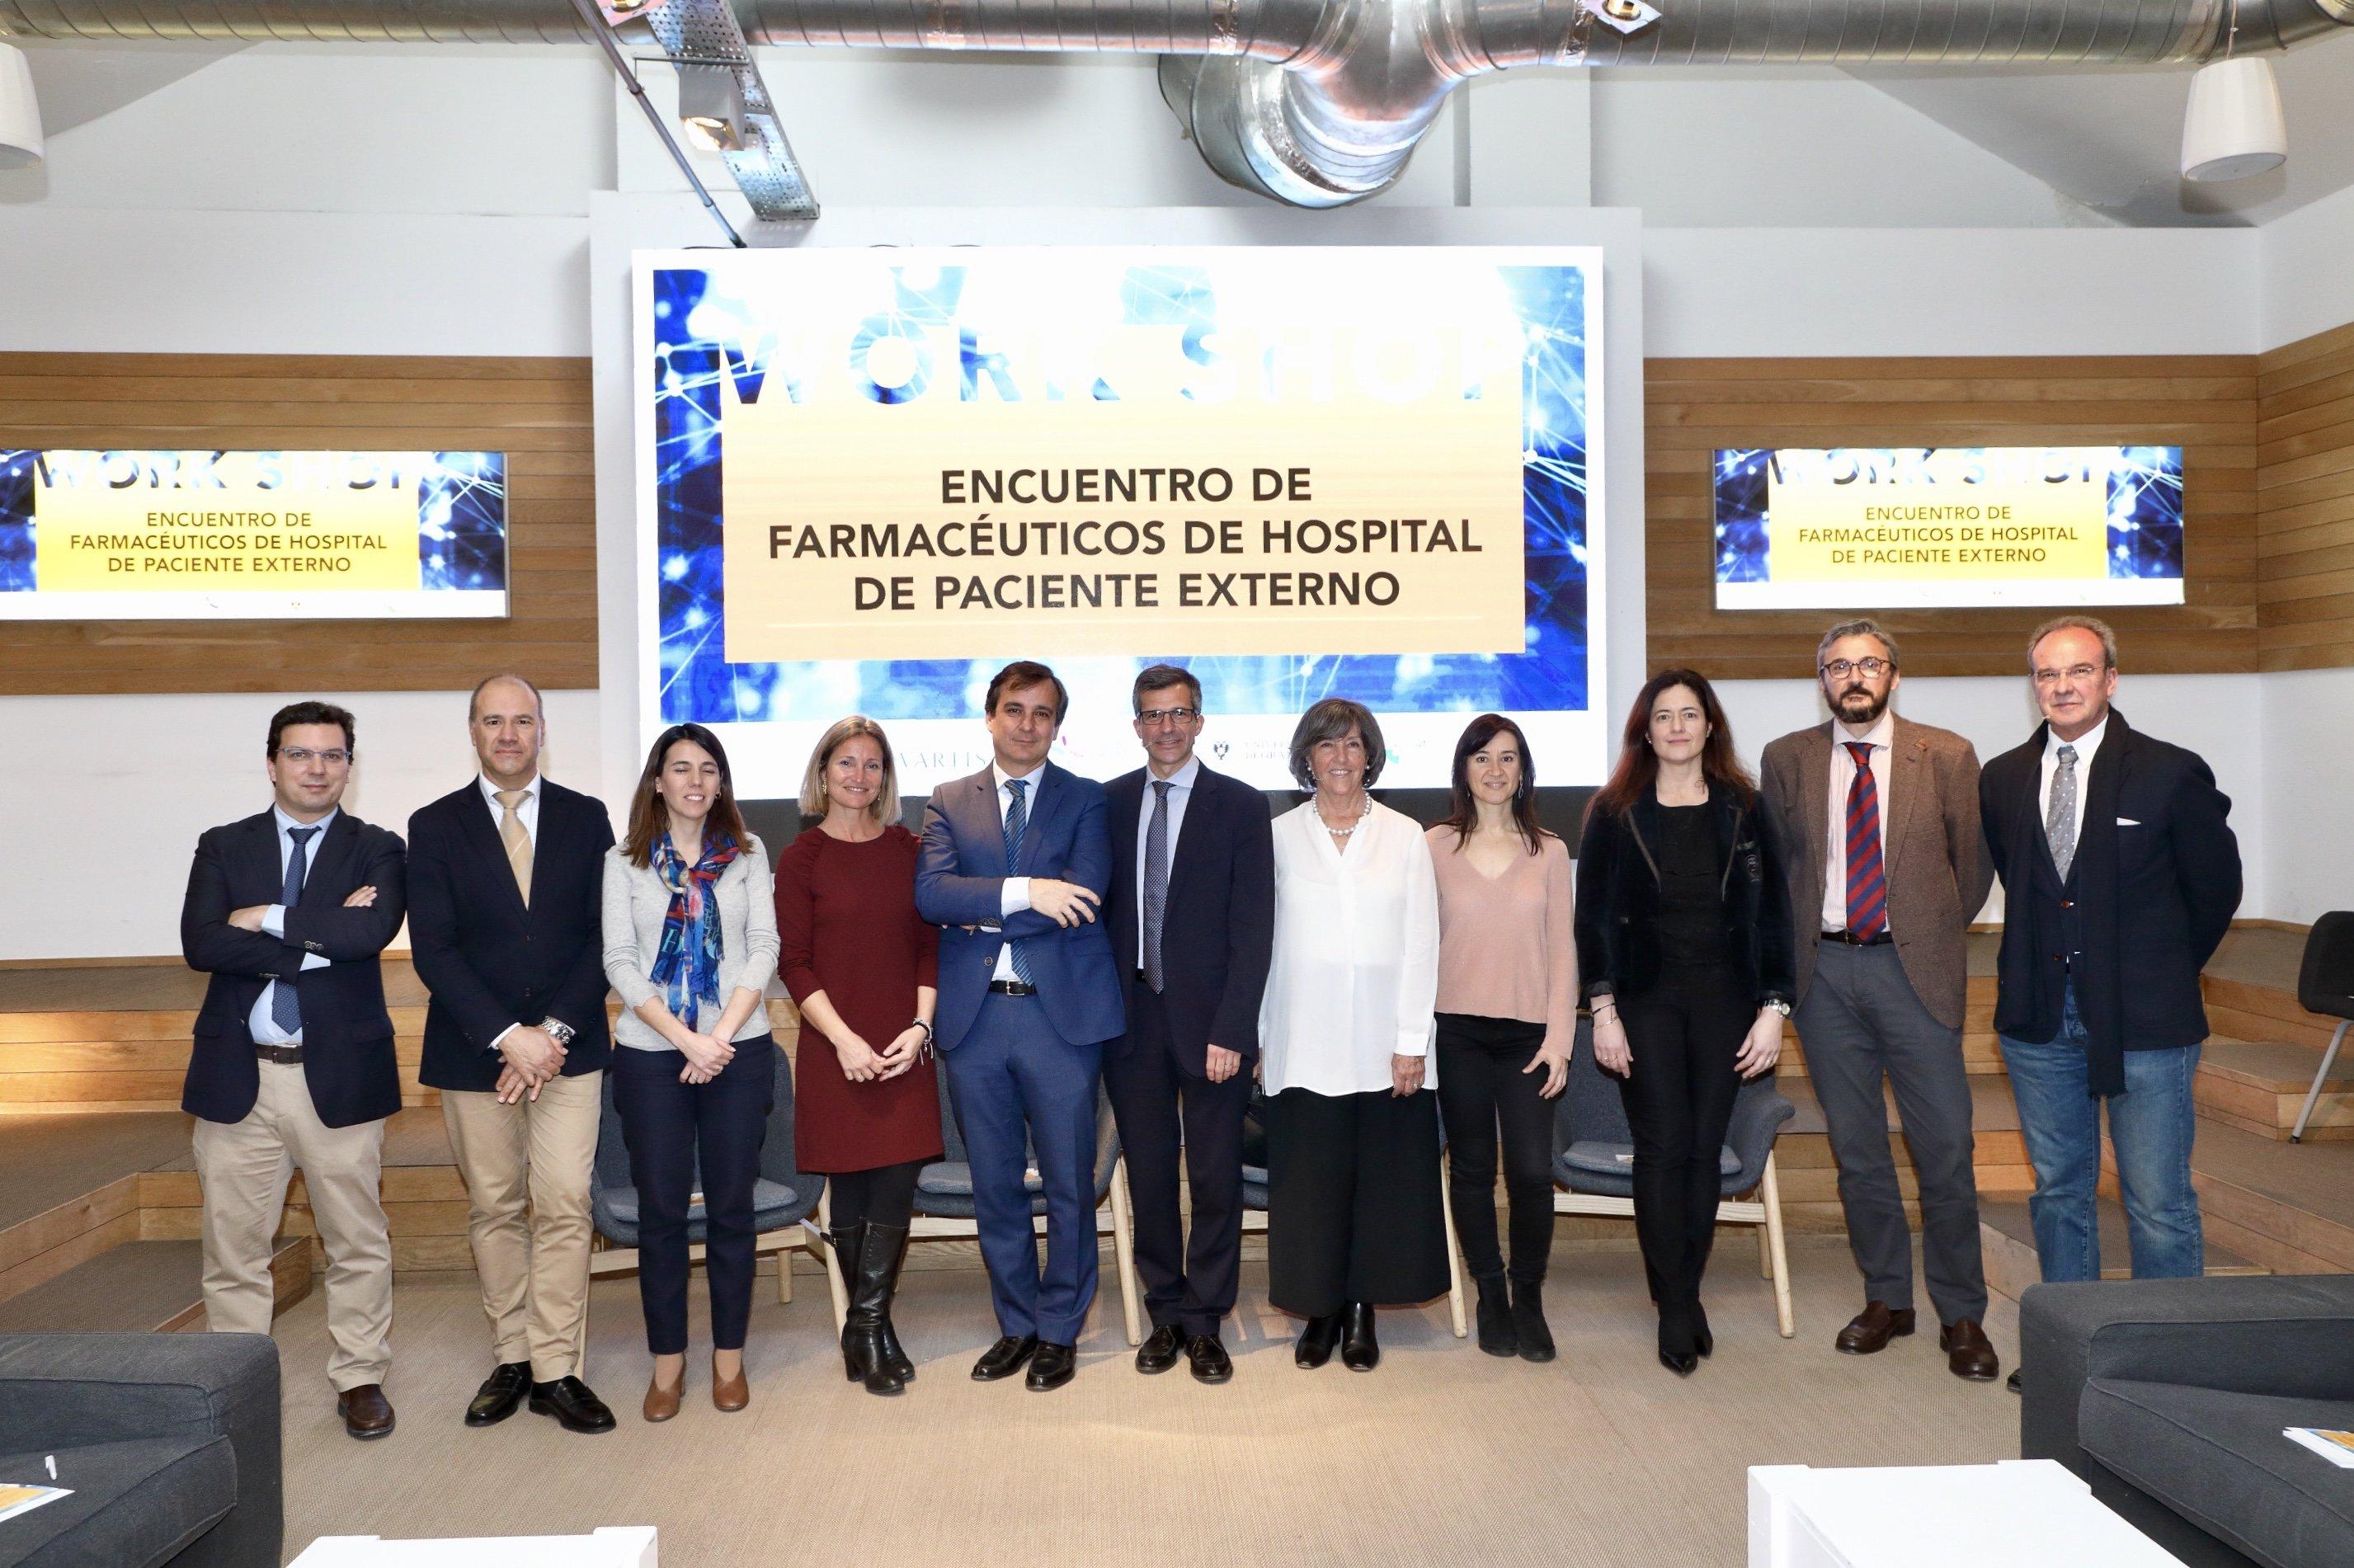 La UGR organiza un 'workshop' sobre el trabajo de los farmacéuticos de hospital con los pacientes externos